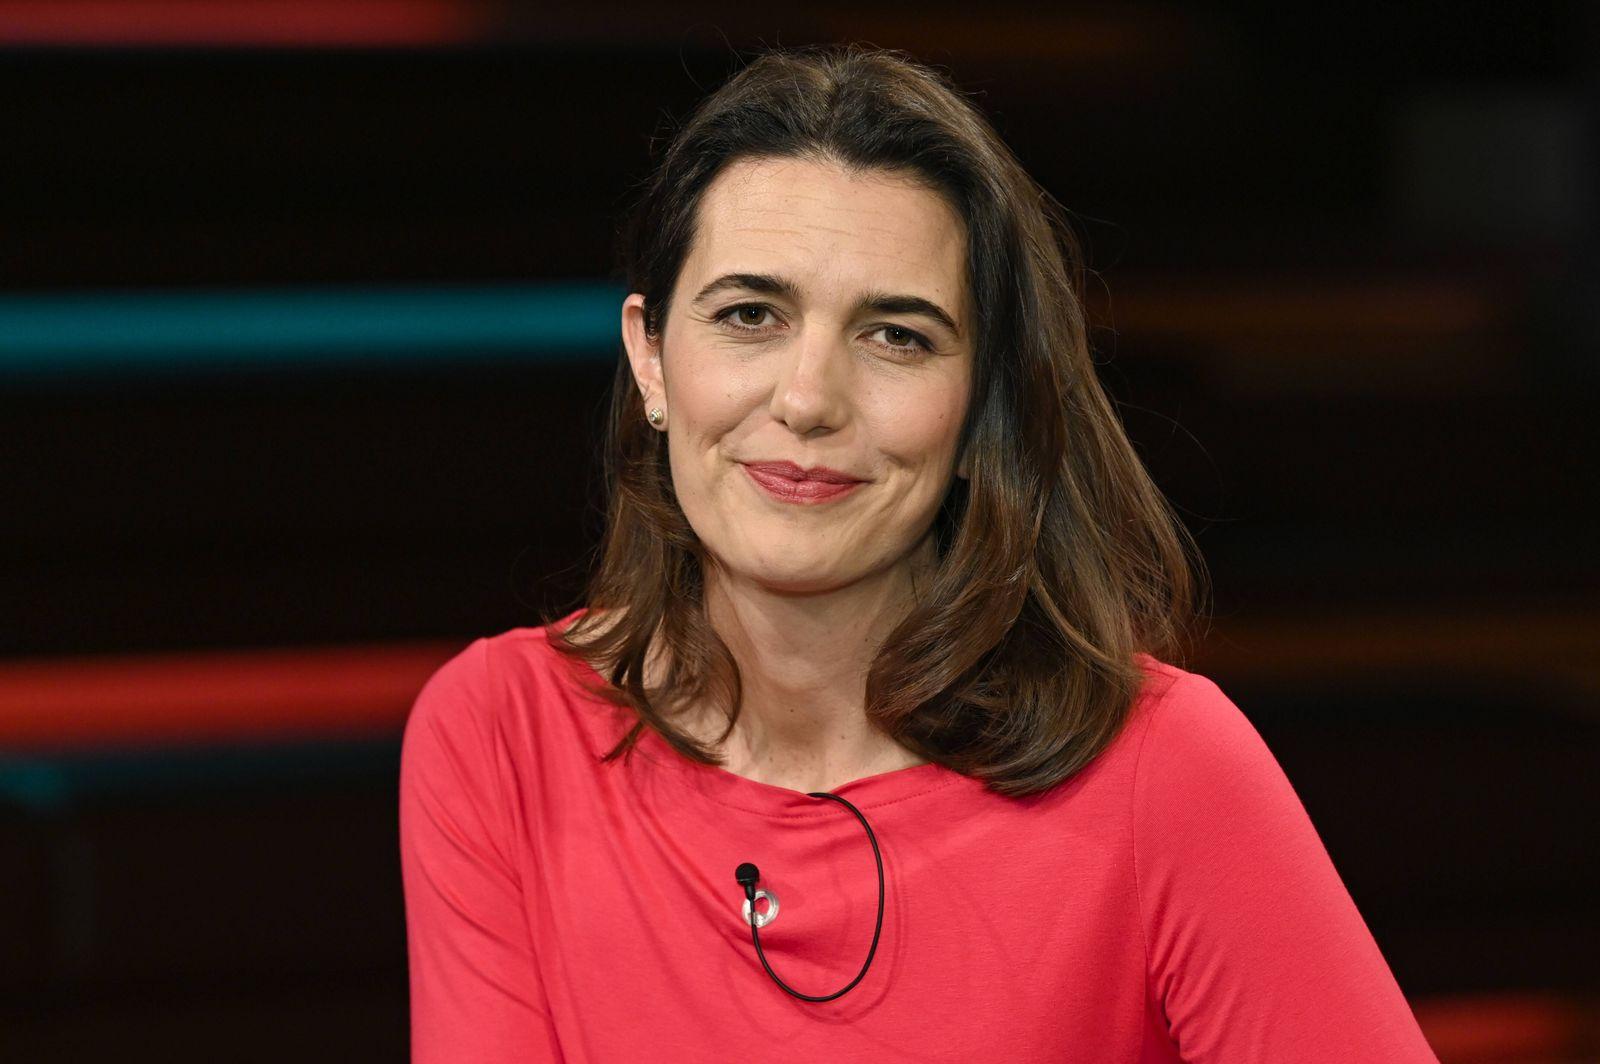 Prof. Melanie Brinkmann (Virologin) 03/20 her Prof. Melanie Brinkmann am 25. März 2020 in Markus Lanz , ZDF TV Fernsehen